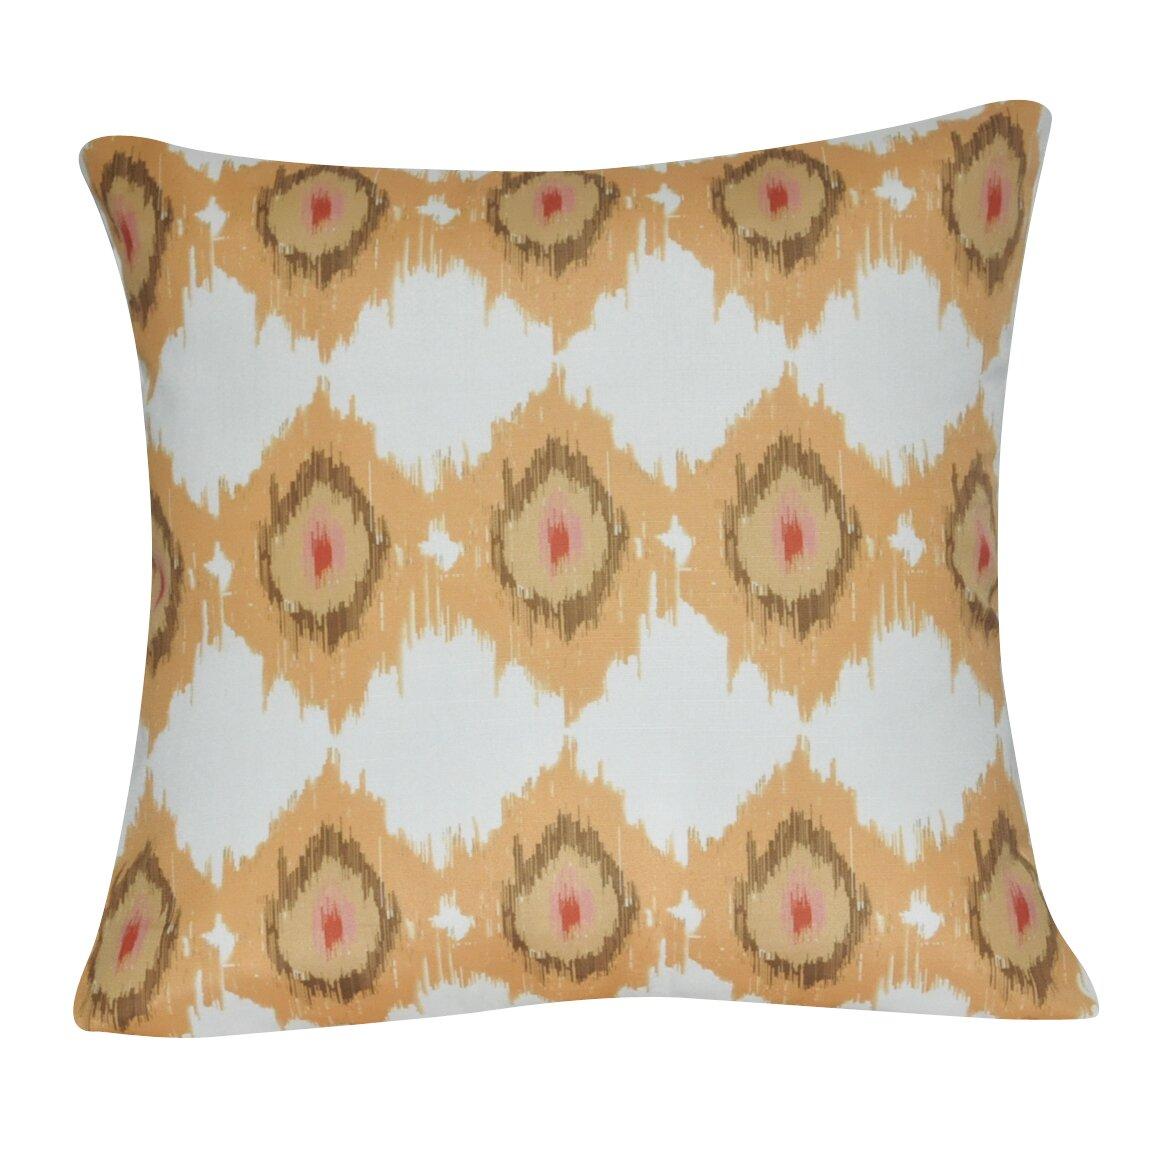 Loom and Mill Circles Decorative Throw Pillow Wayfair